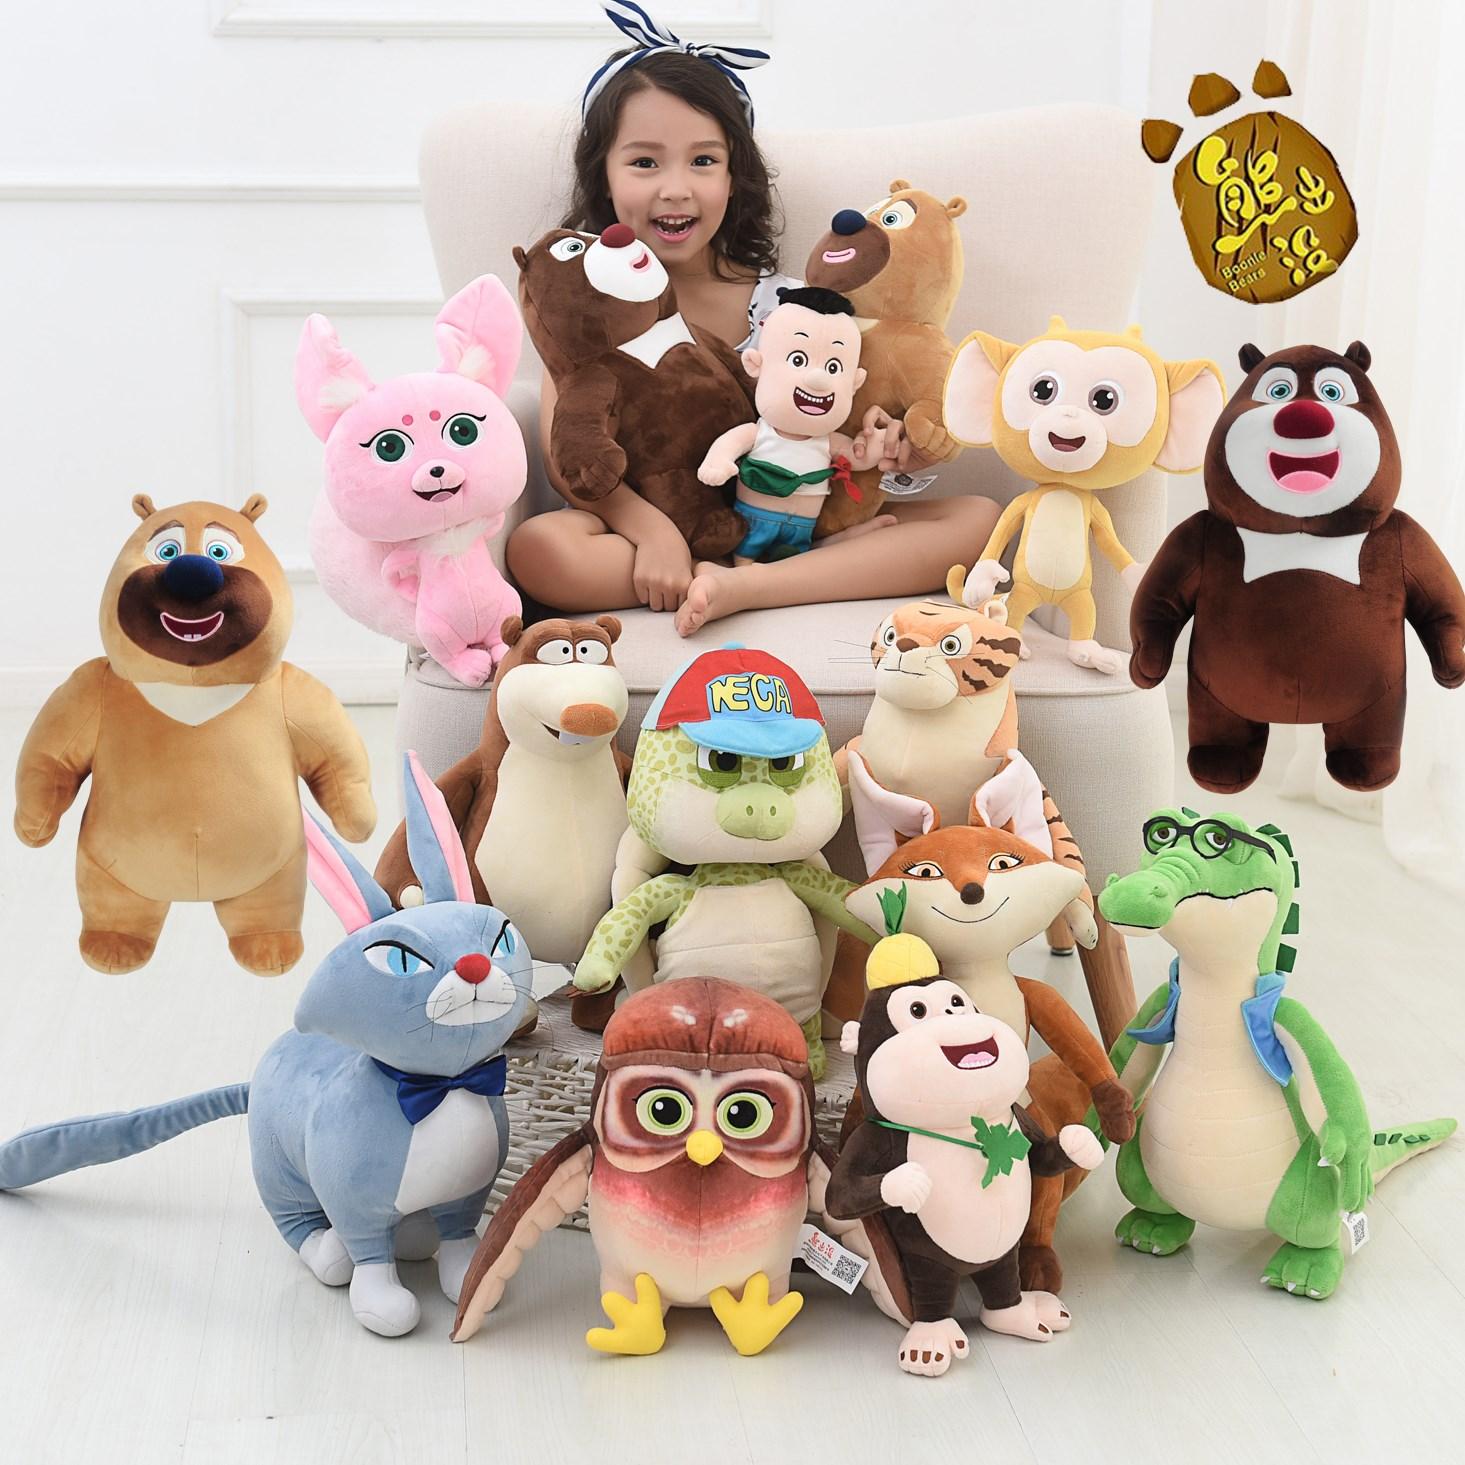 【熊出没】毛绒玩具公仔